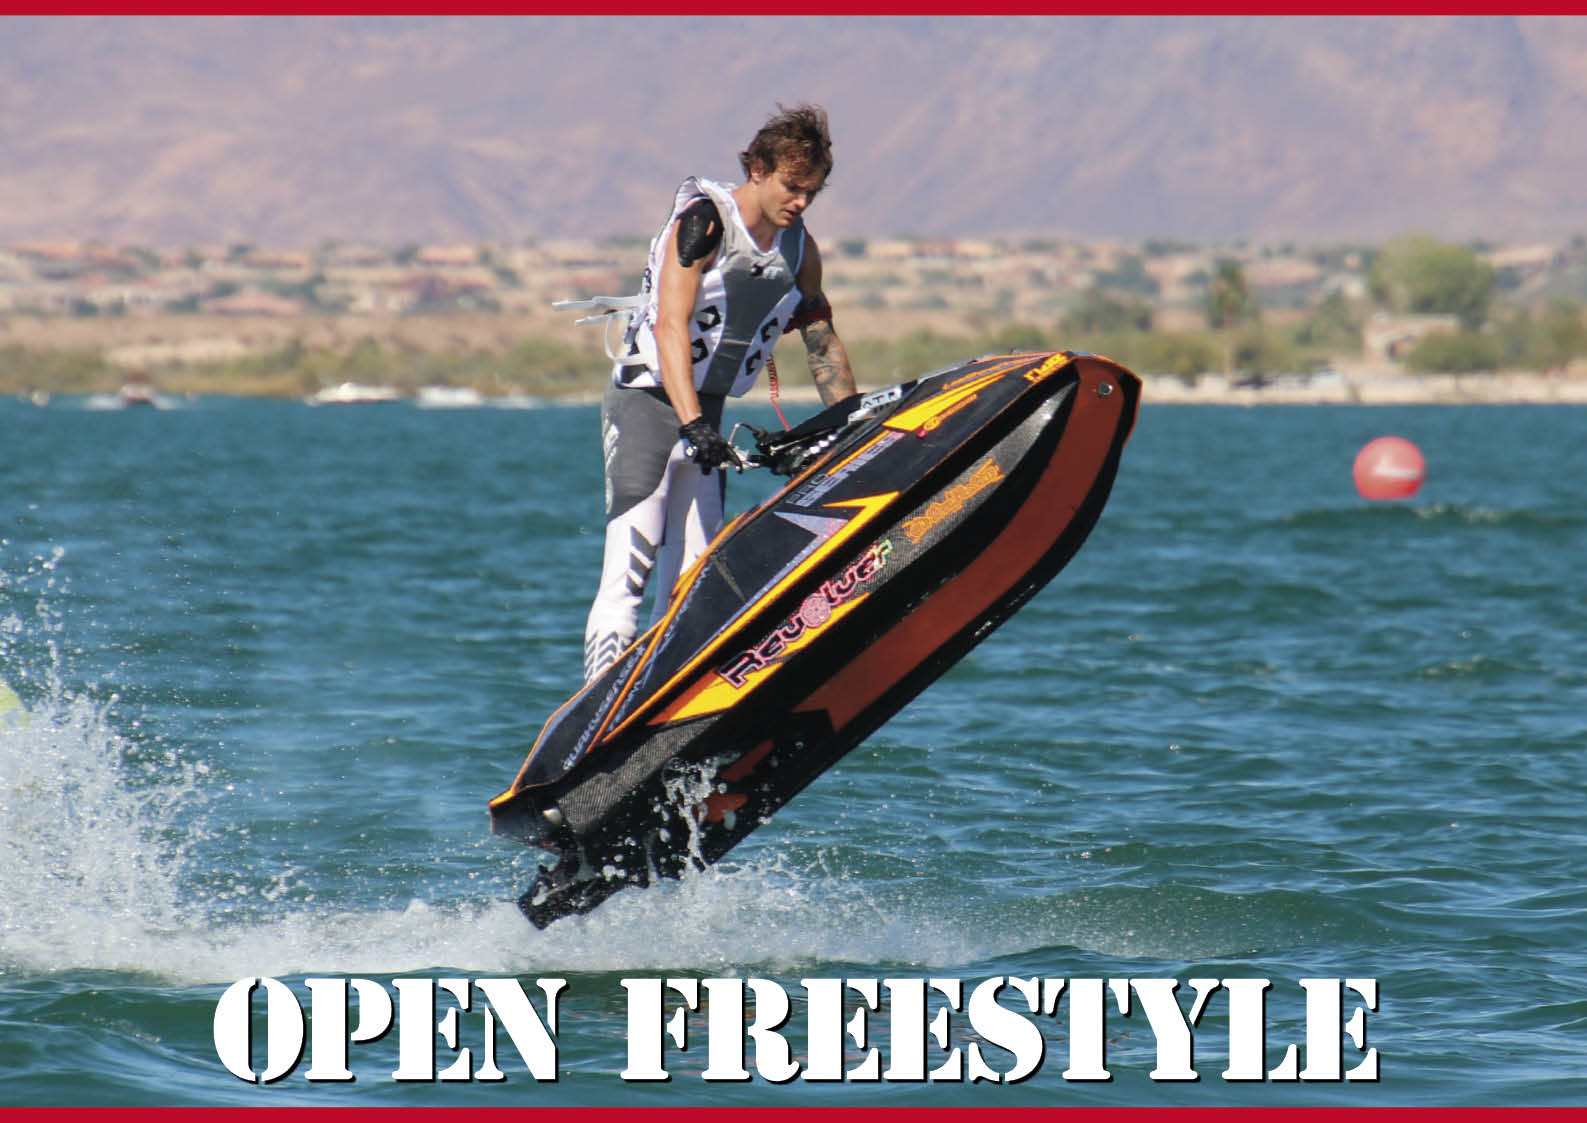 【フリースタイル競技】「OPENフリースタイル」参加者募集 ジェットスキー(水上バイク)